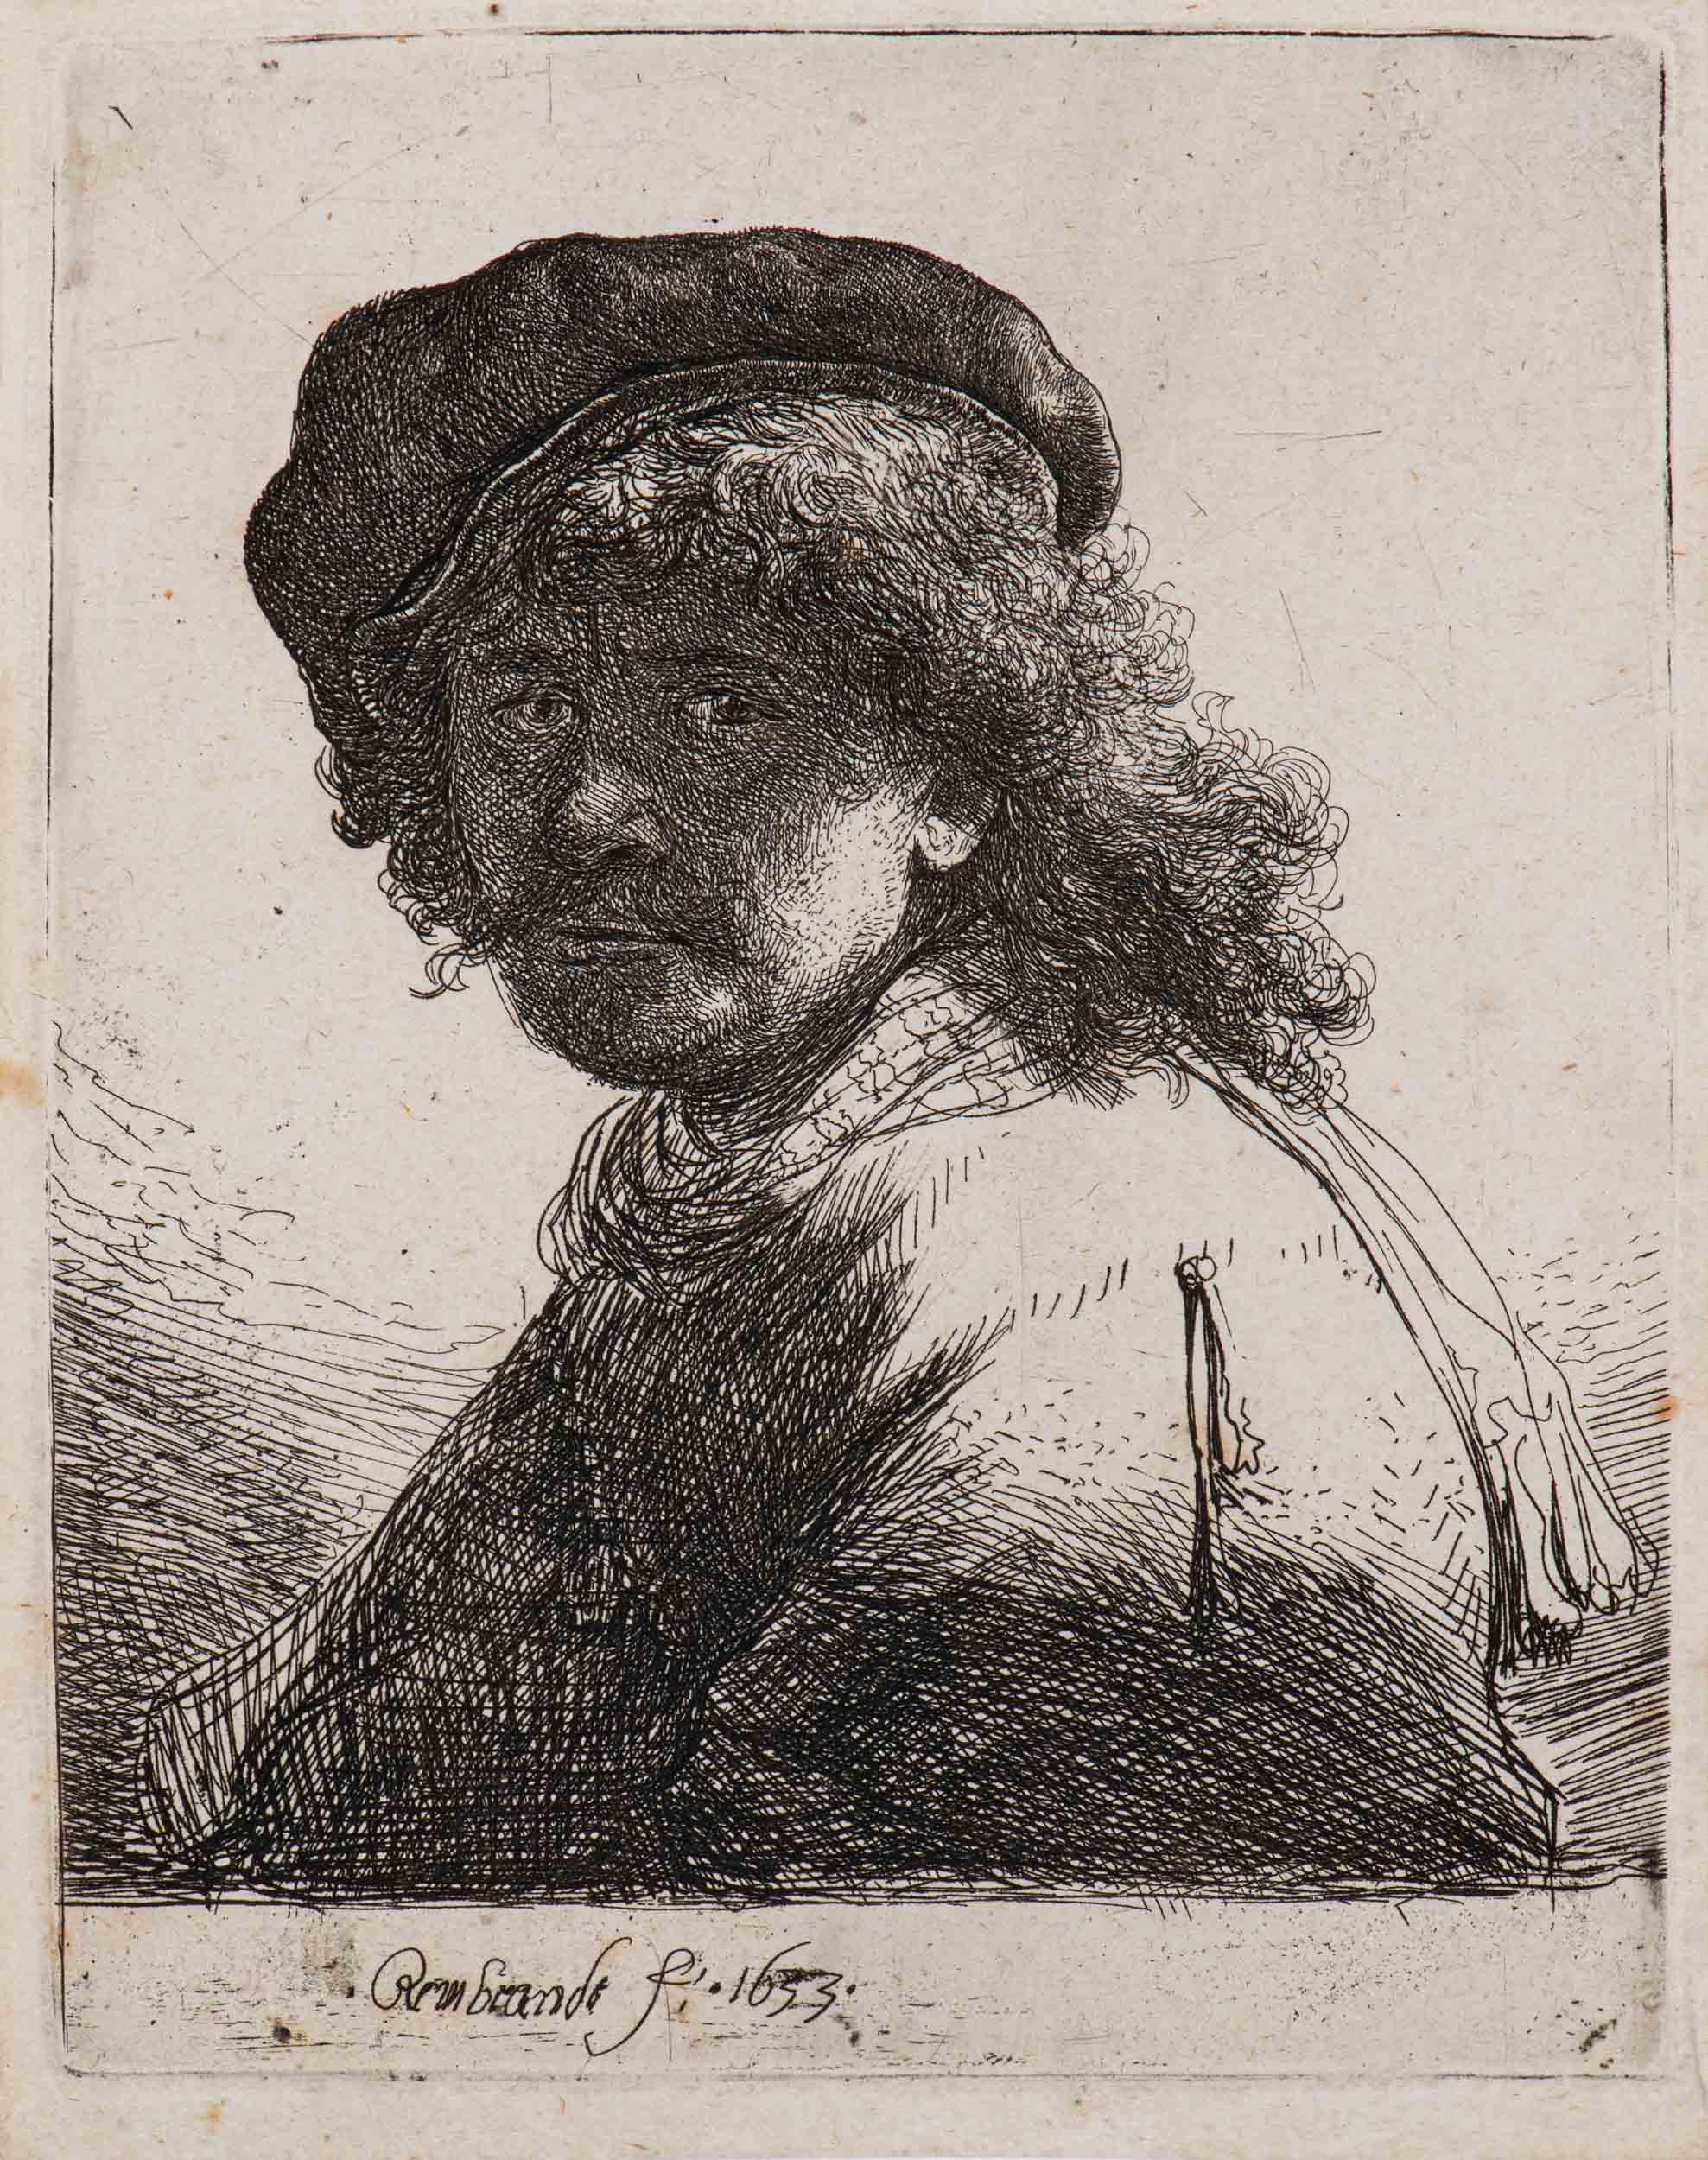 Vente Maîtres anciens à Art moderne chez AAG Auctioneers : 184 lots